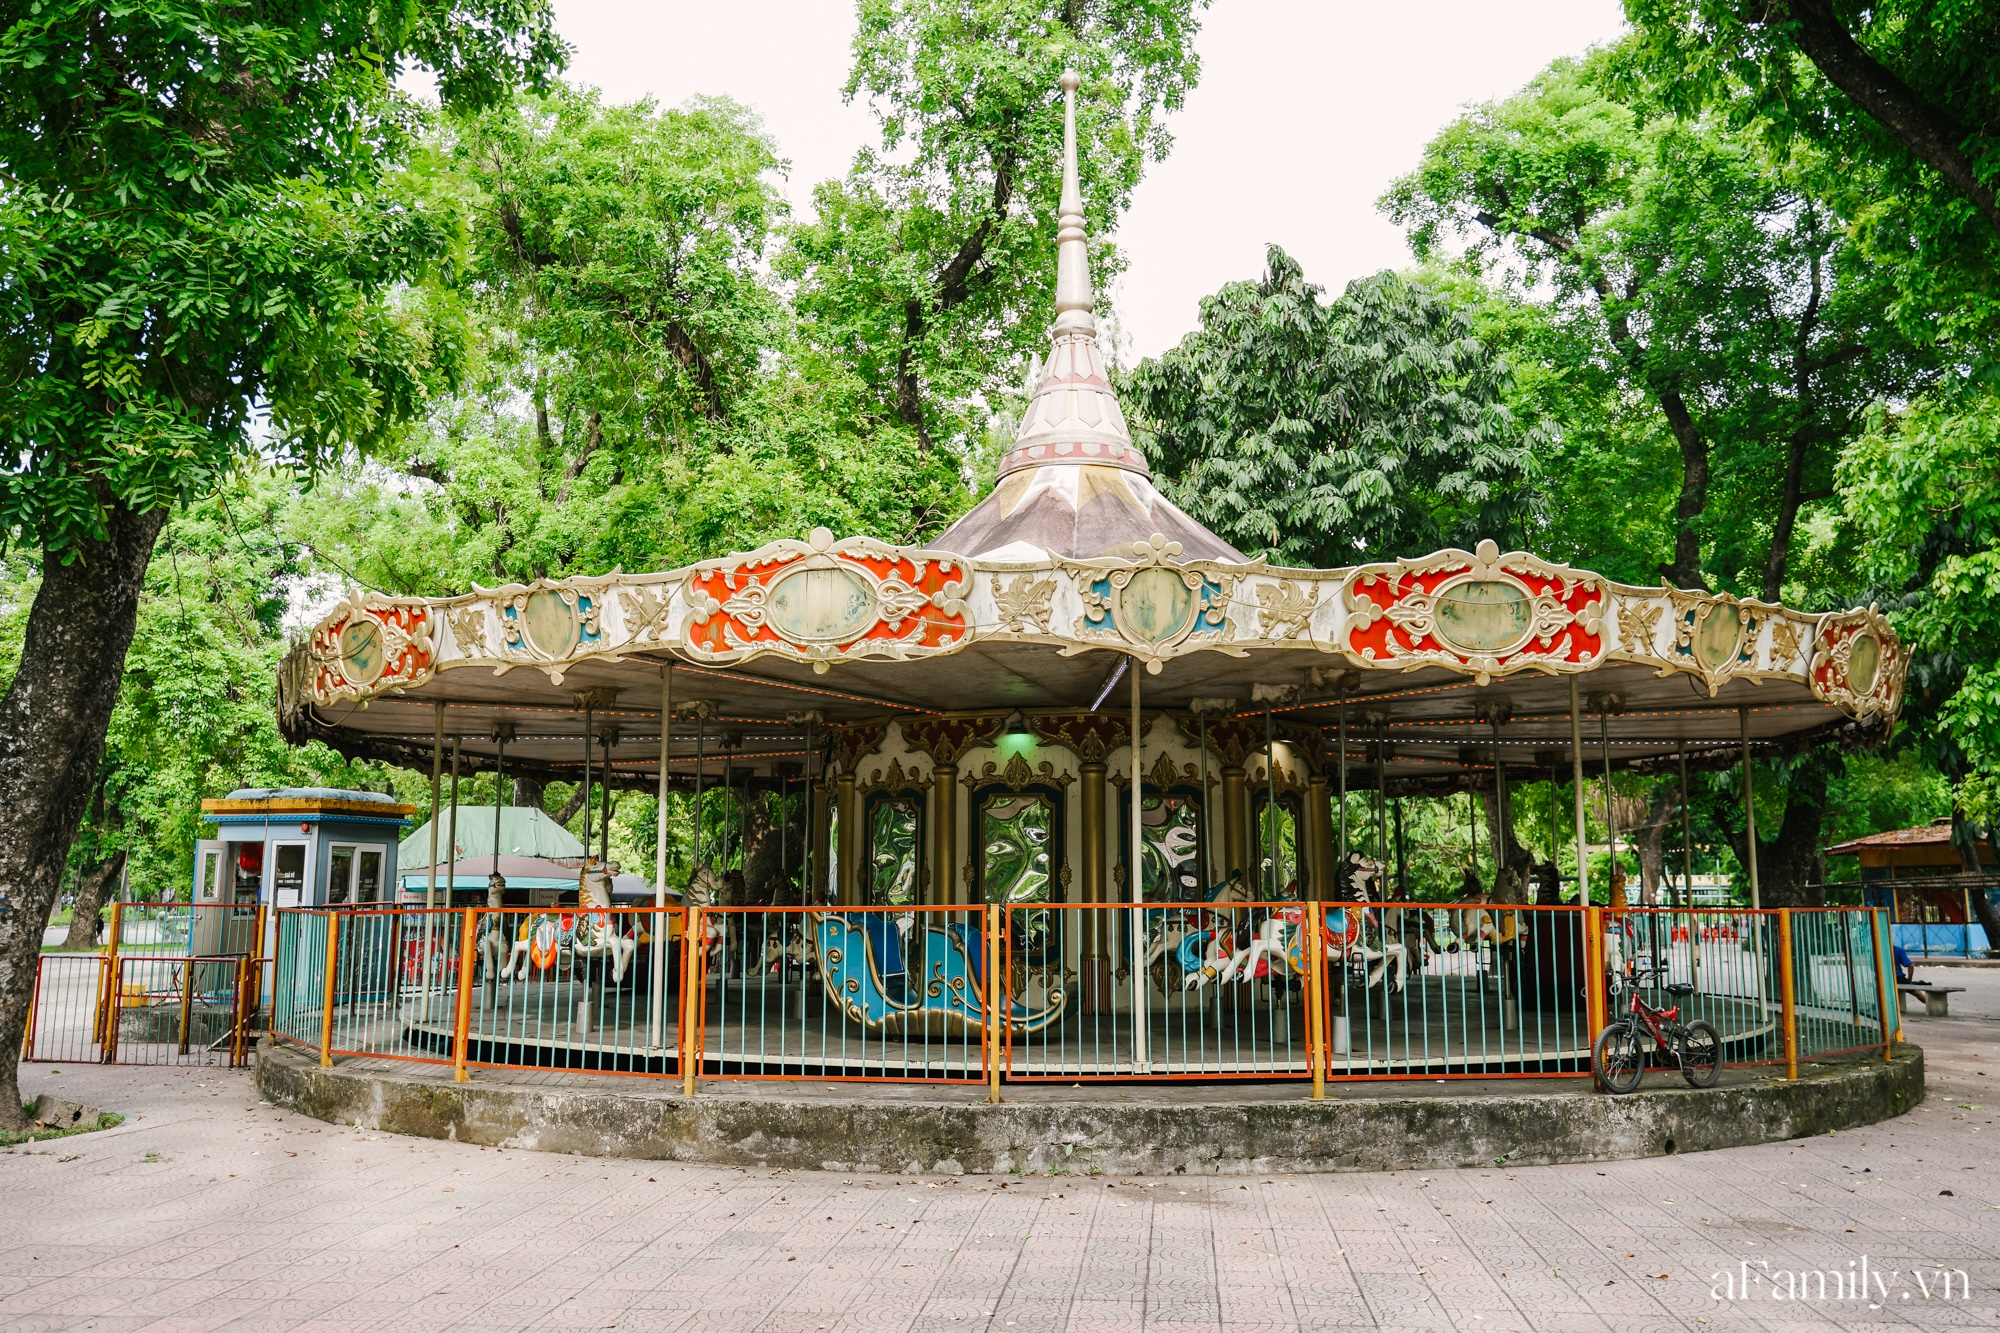 4000 đồng cho tour du lịch hè độc đáo ngay giữa thủ đô ở một công viên lâu đời vừa có đảo, vừa có rừng cây xanh, hồ cá trong lành - Ảnh 13.